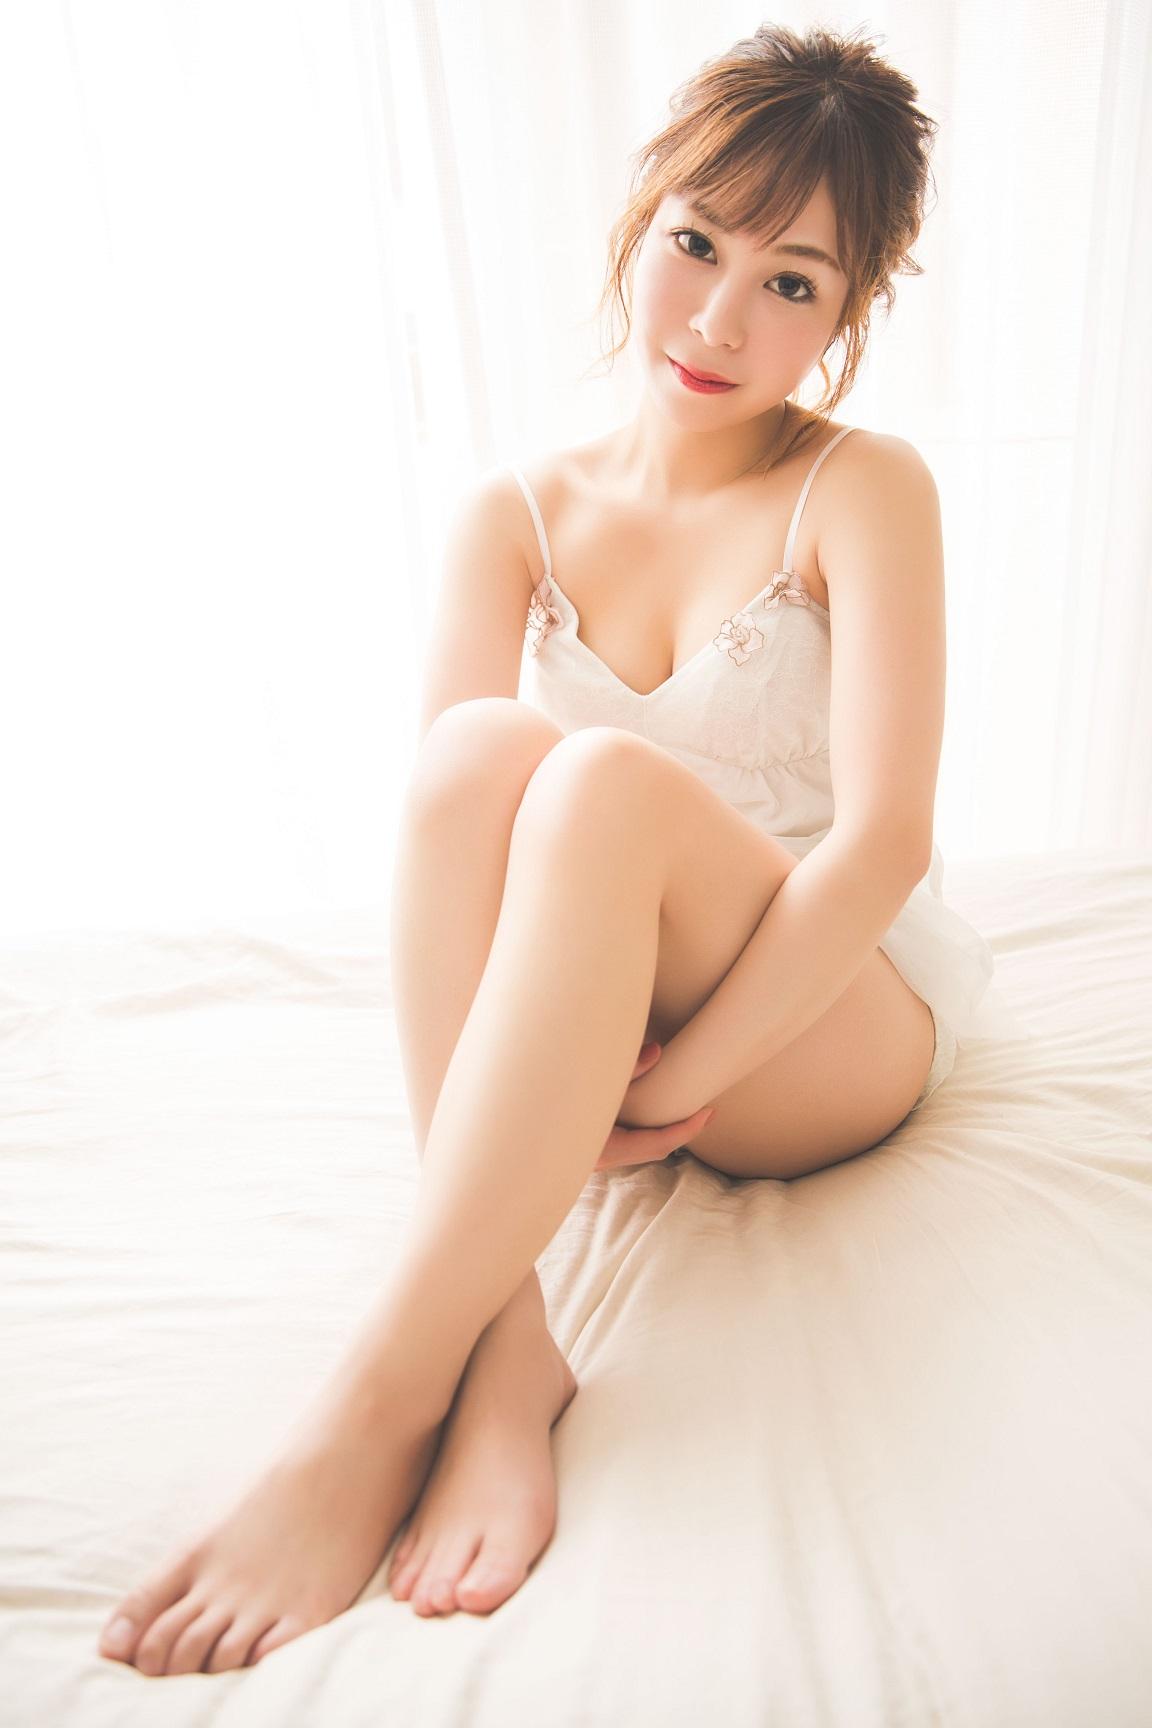 ichinose_emiri_s_t_03